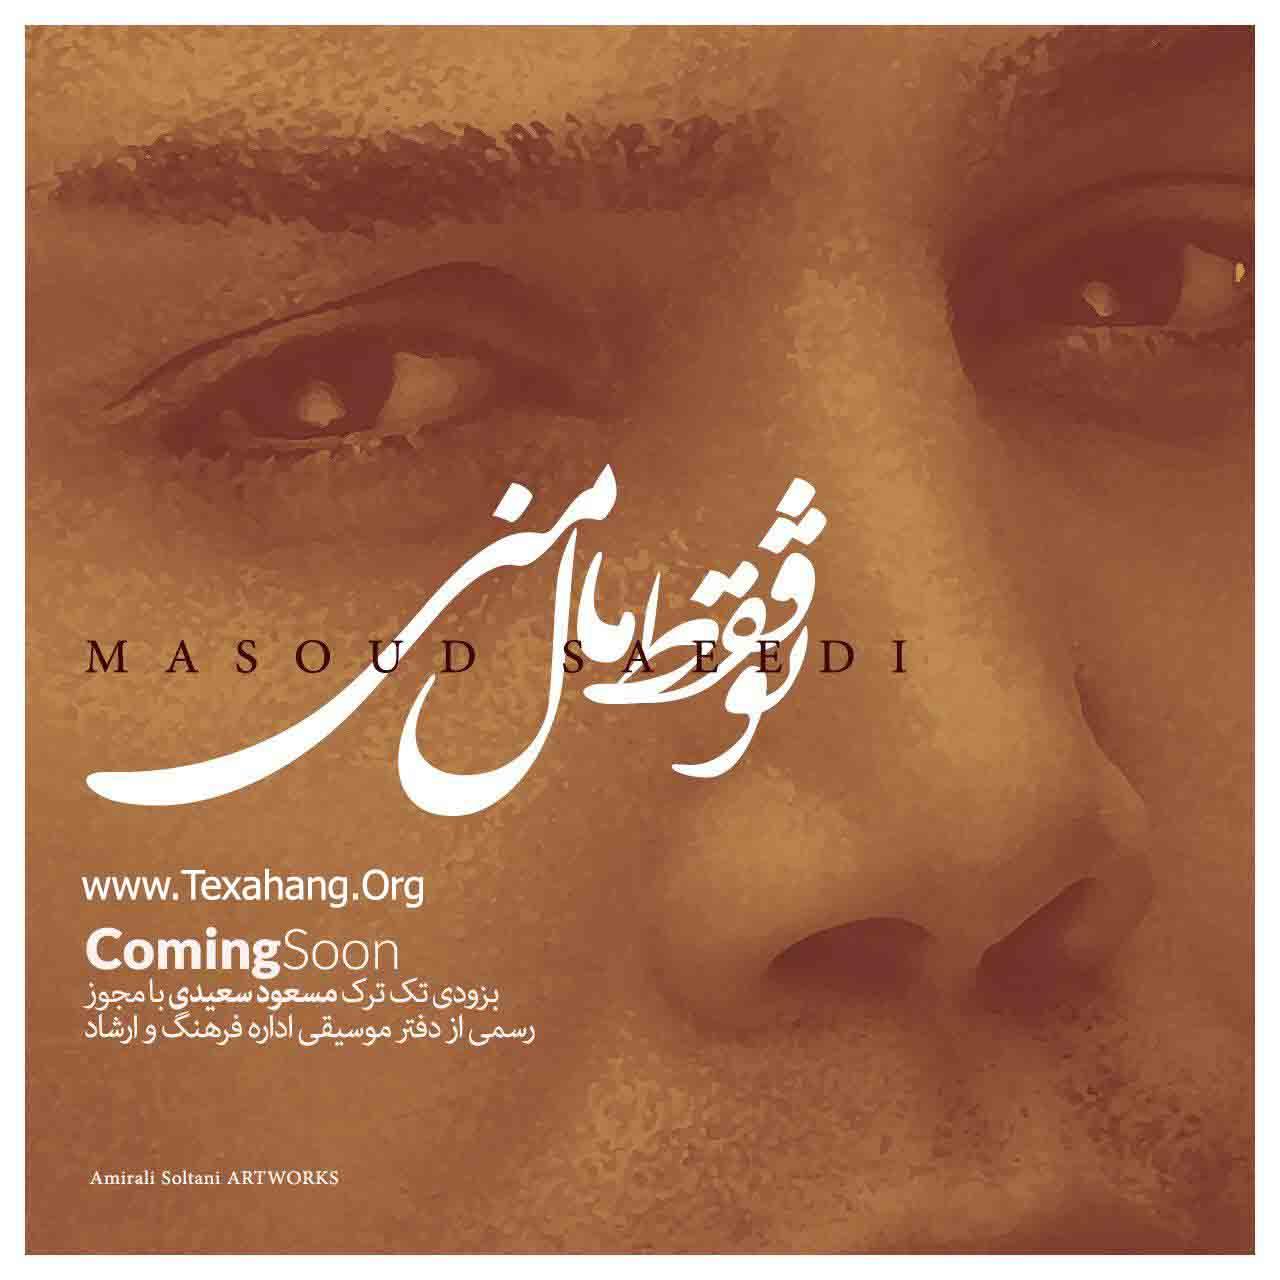 متن آهنگ تو فقط مال منی از مسعود سعیدی